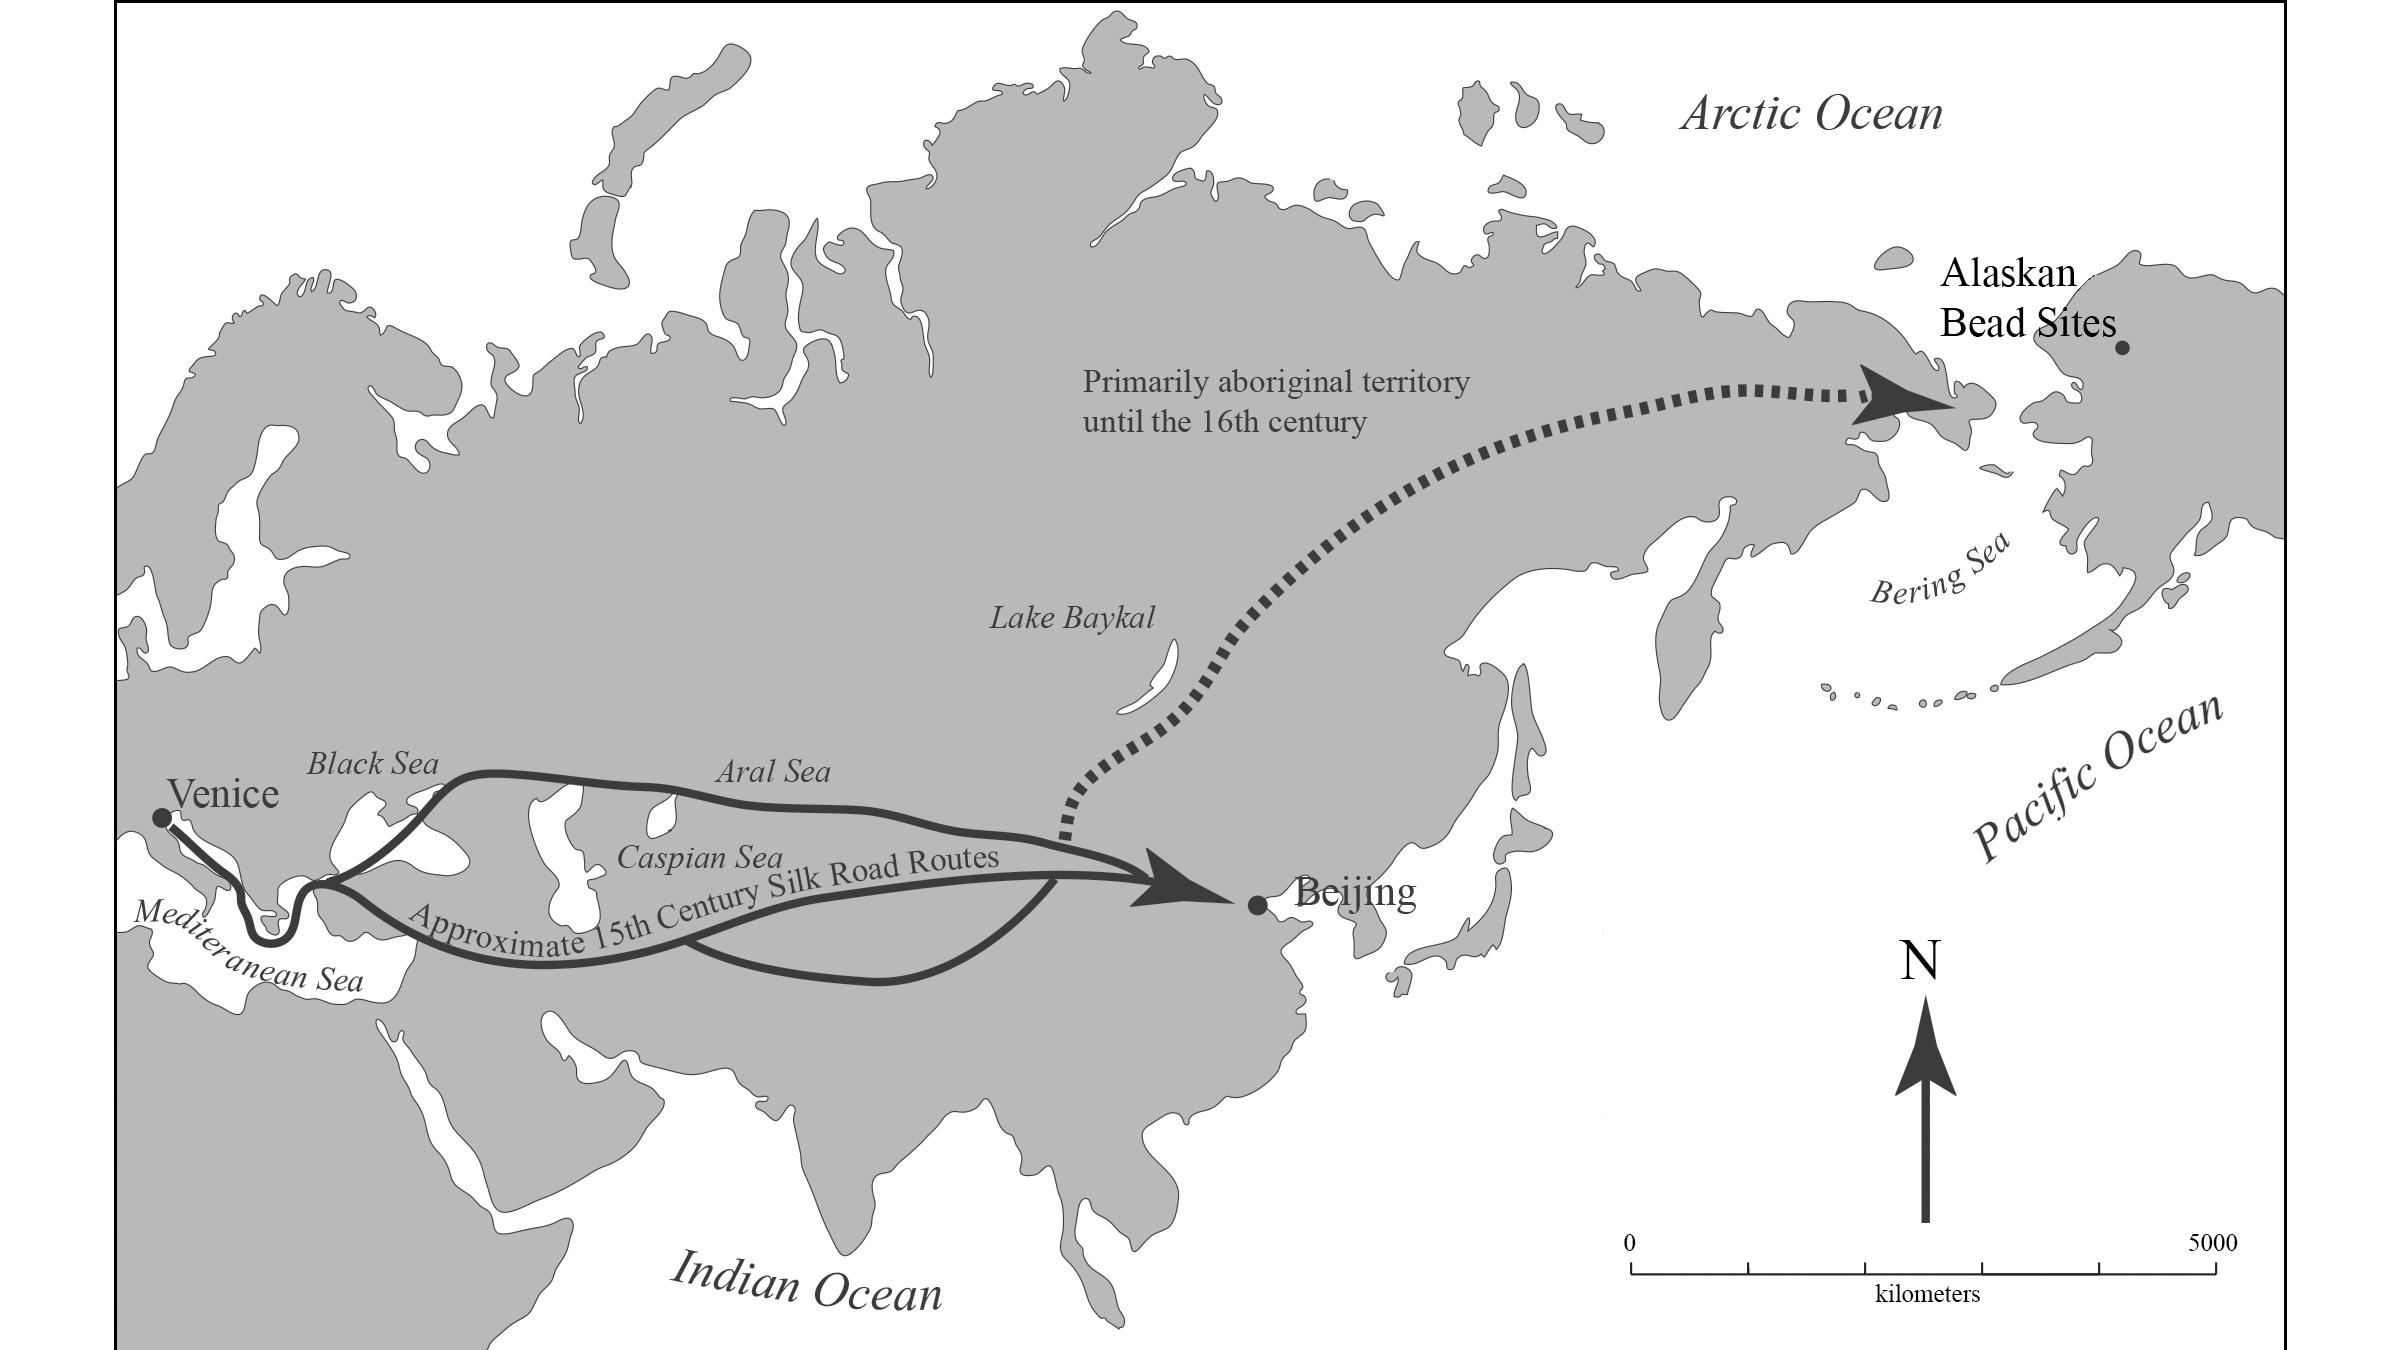 On ne sait pas comment les perles sont arrivées de l'Europe à l'Alaska, mais les itinéraires possibles sont mis en évidence ici.